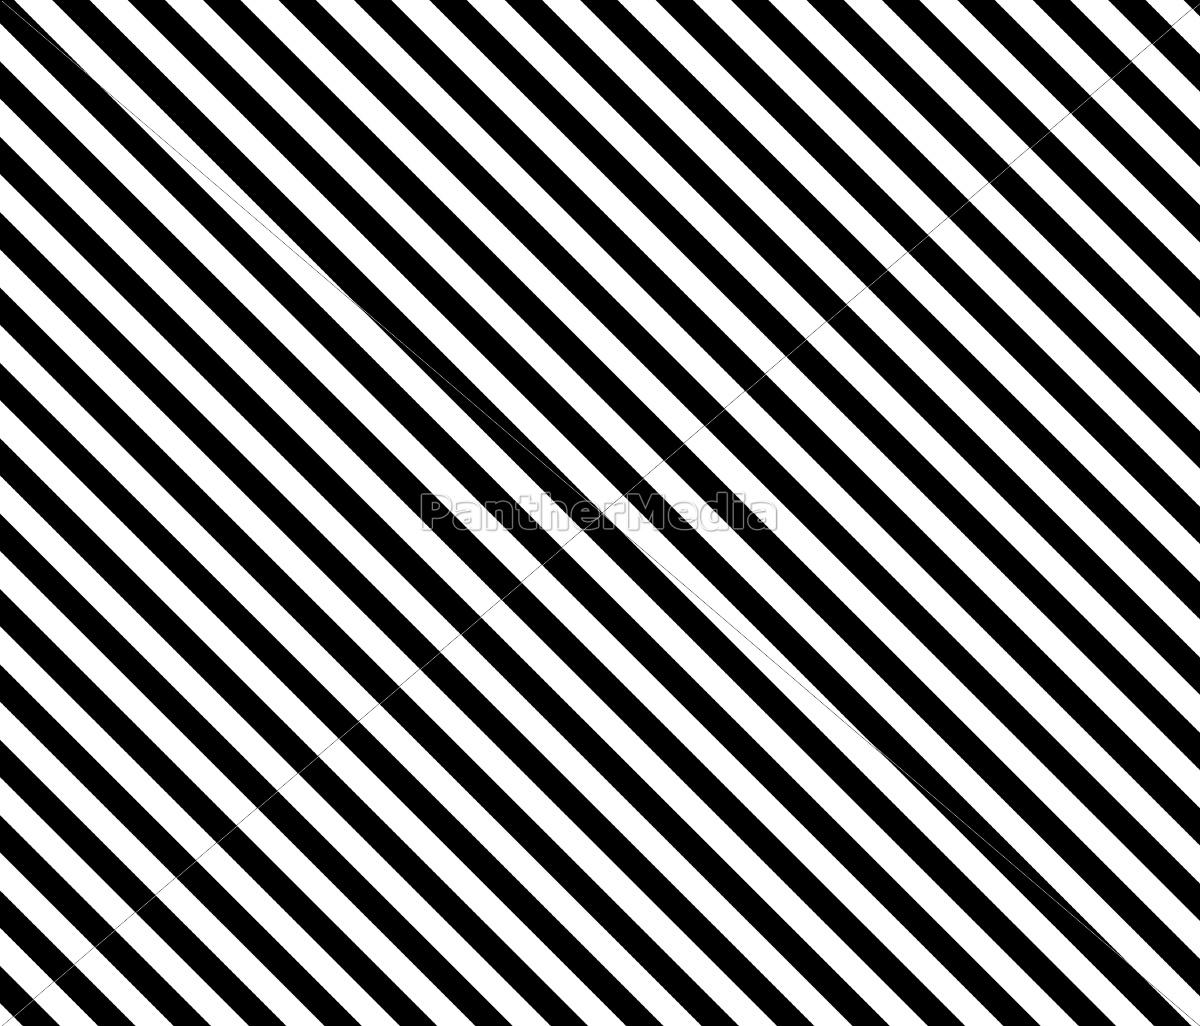 hintergrund diagonale streifen in schwarz und wei lizenzfreies bild 10409989. Black Bedroom Furniture Sets. Home Design Ideas